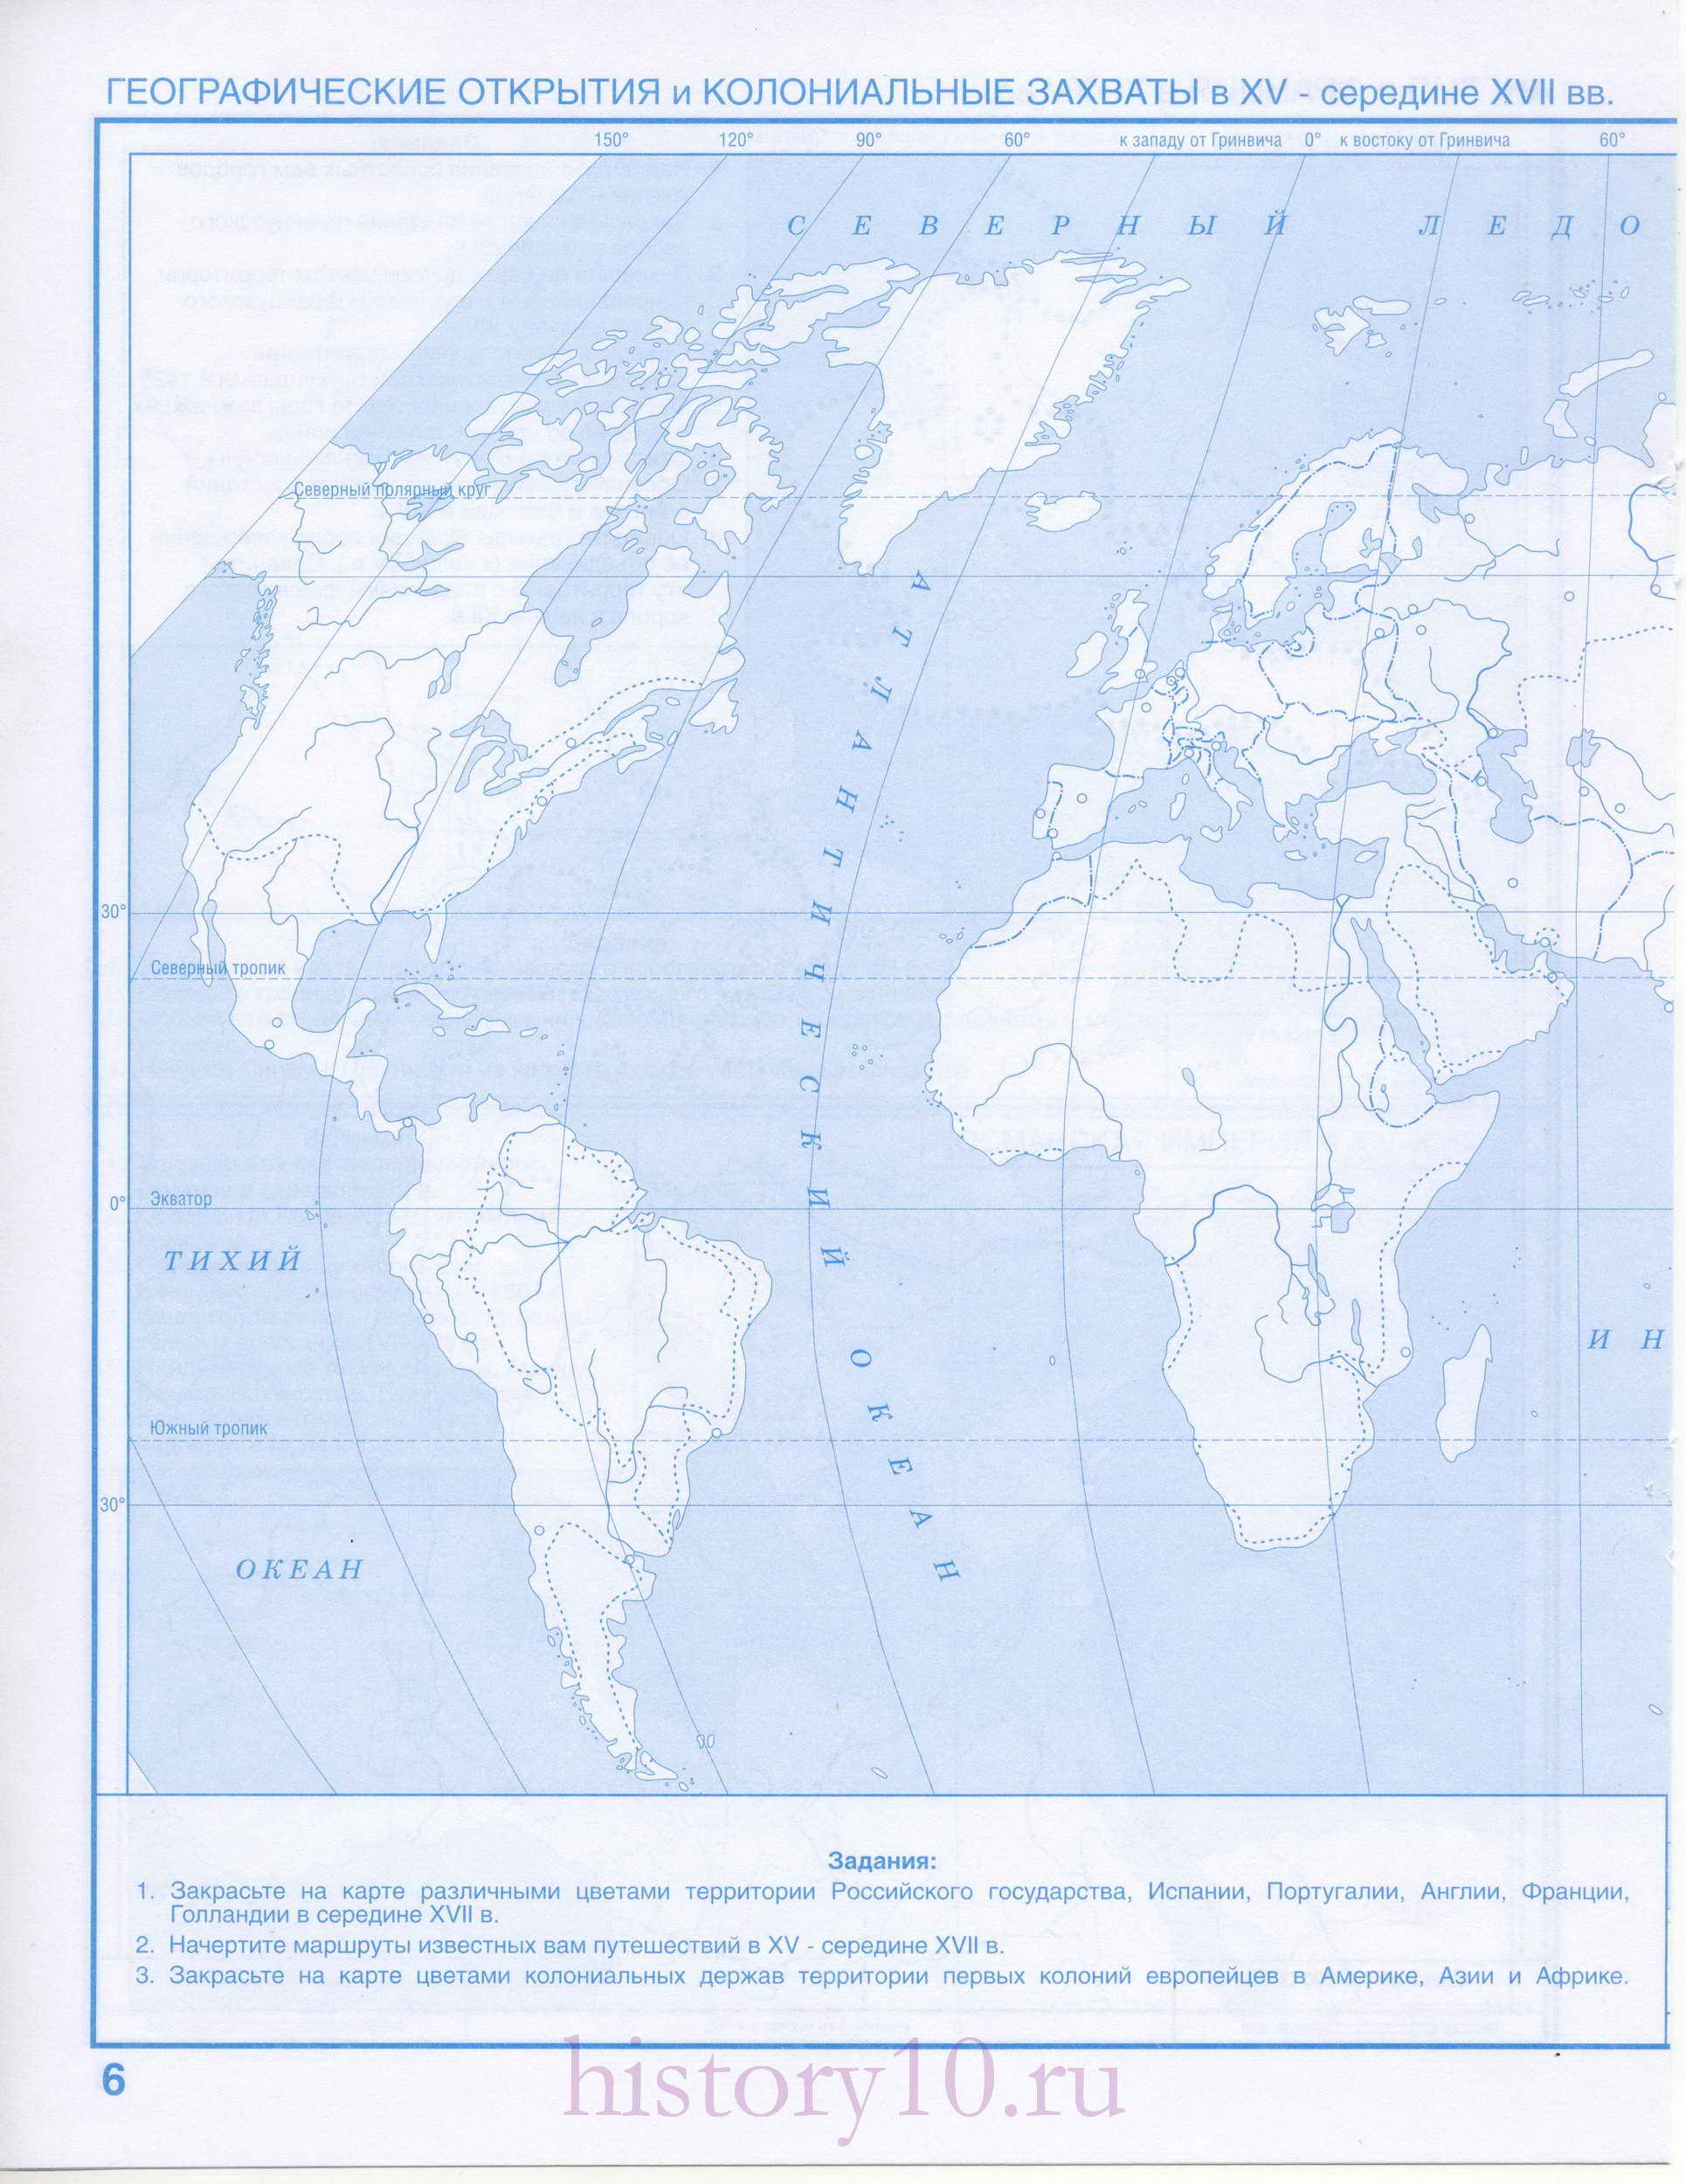 решебник по истории 8 класс контурная карта белкартография utjuhfabxtcrbt jnrhsnbz